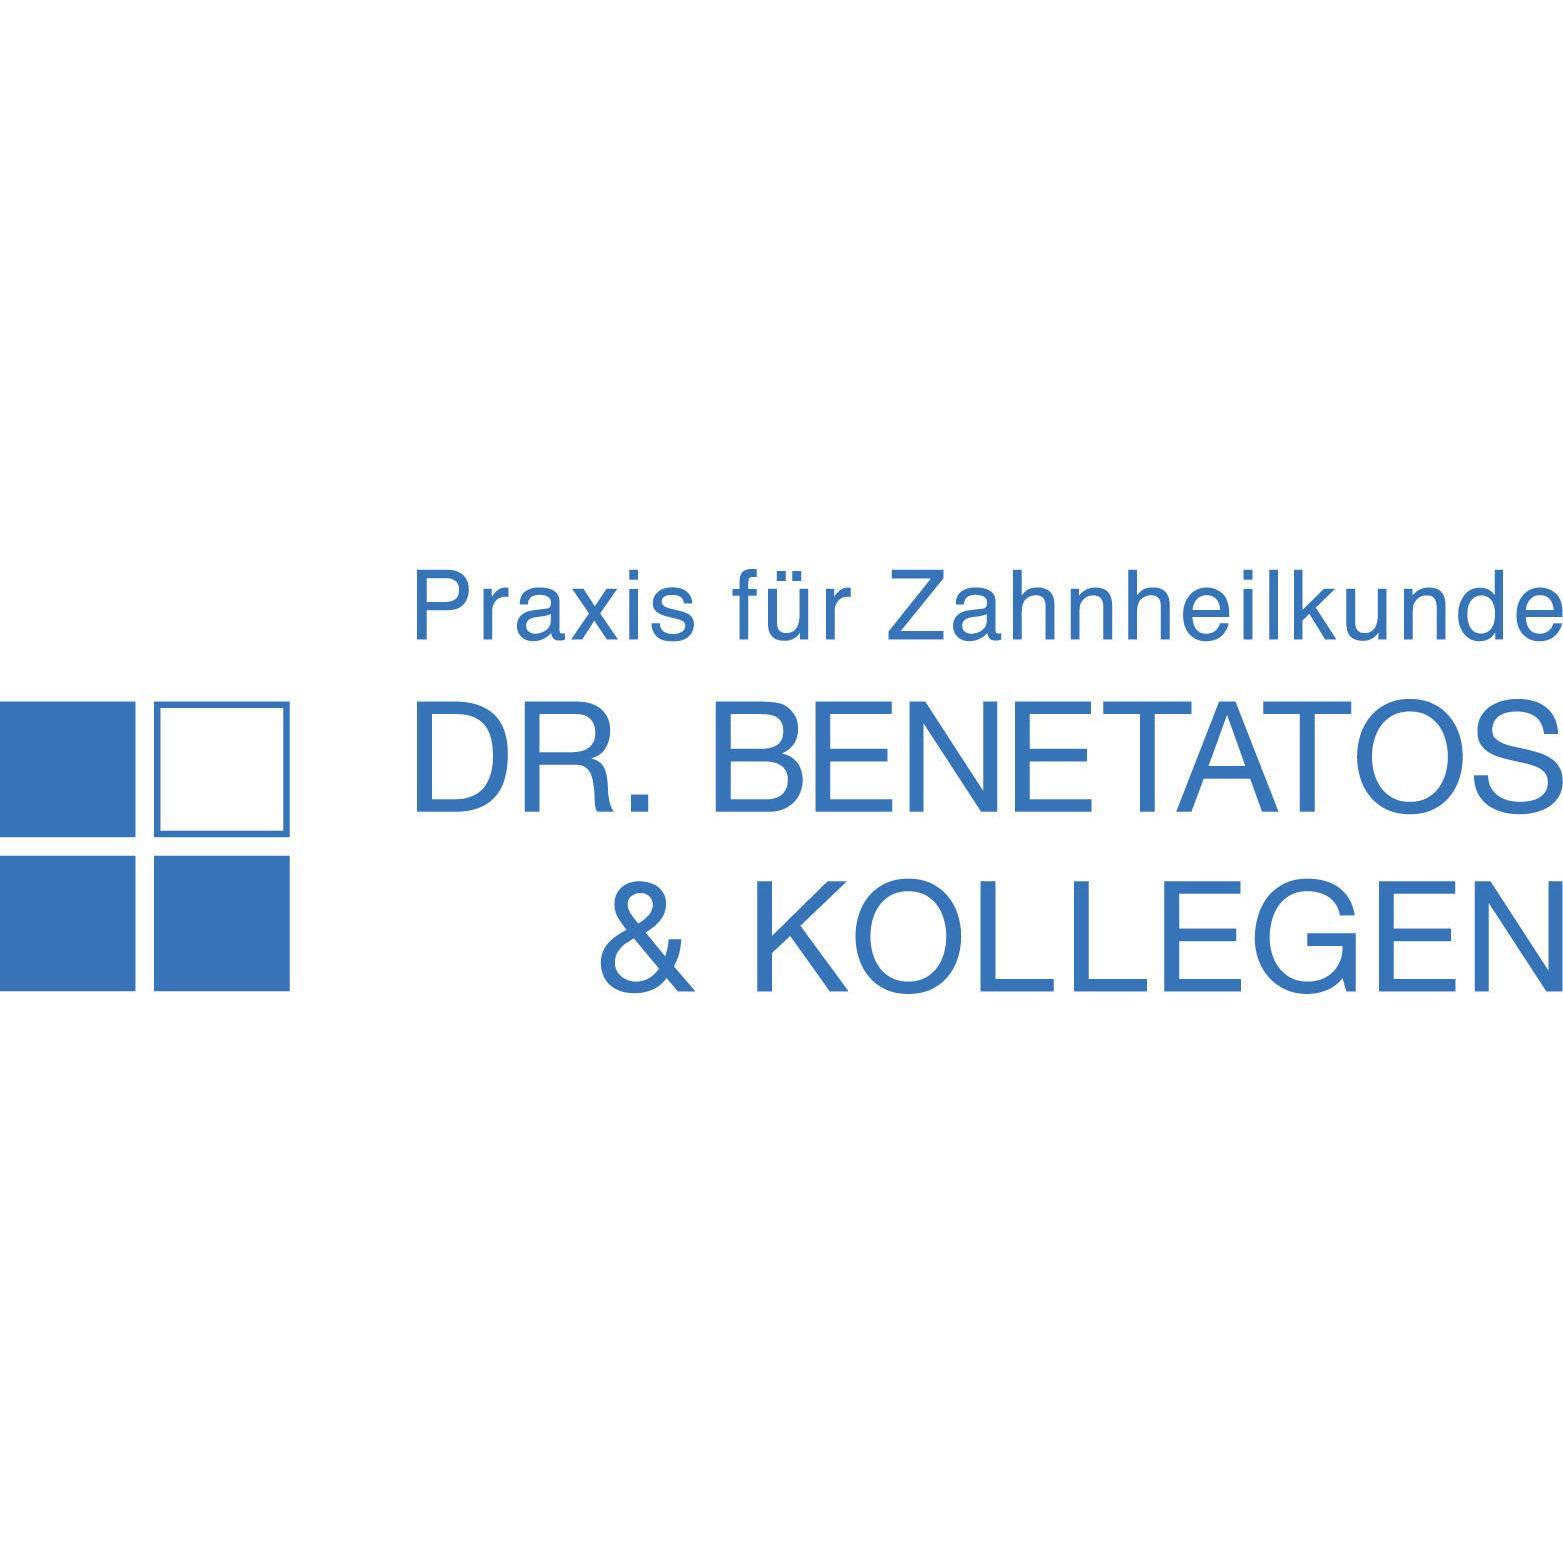 Bild zu Praxis für Zahnheilkunde Dr. Benetatos & Kollegen in Unterföhring